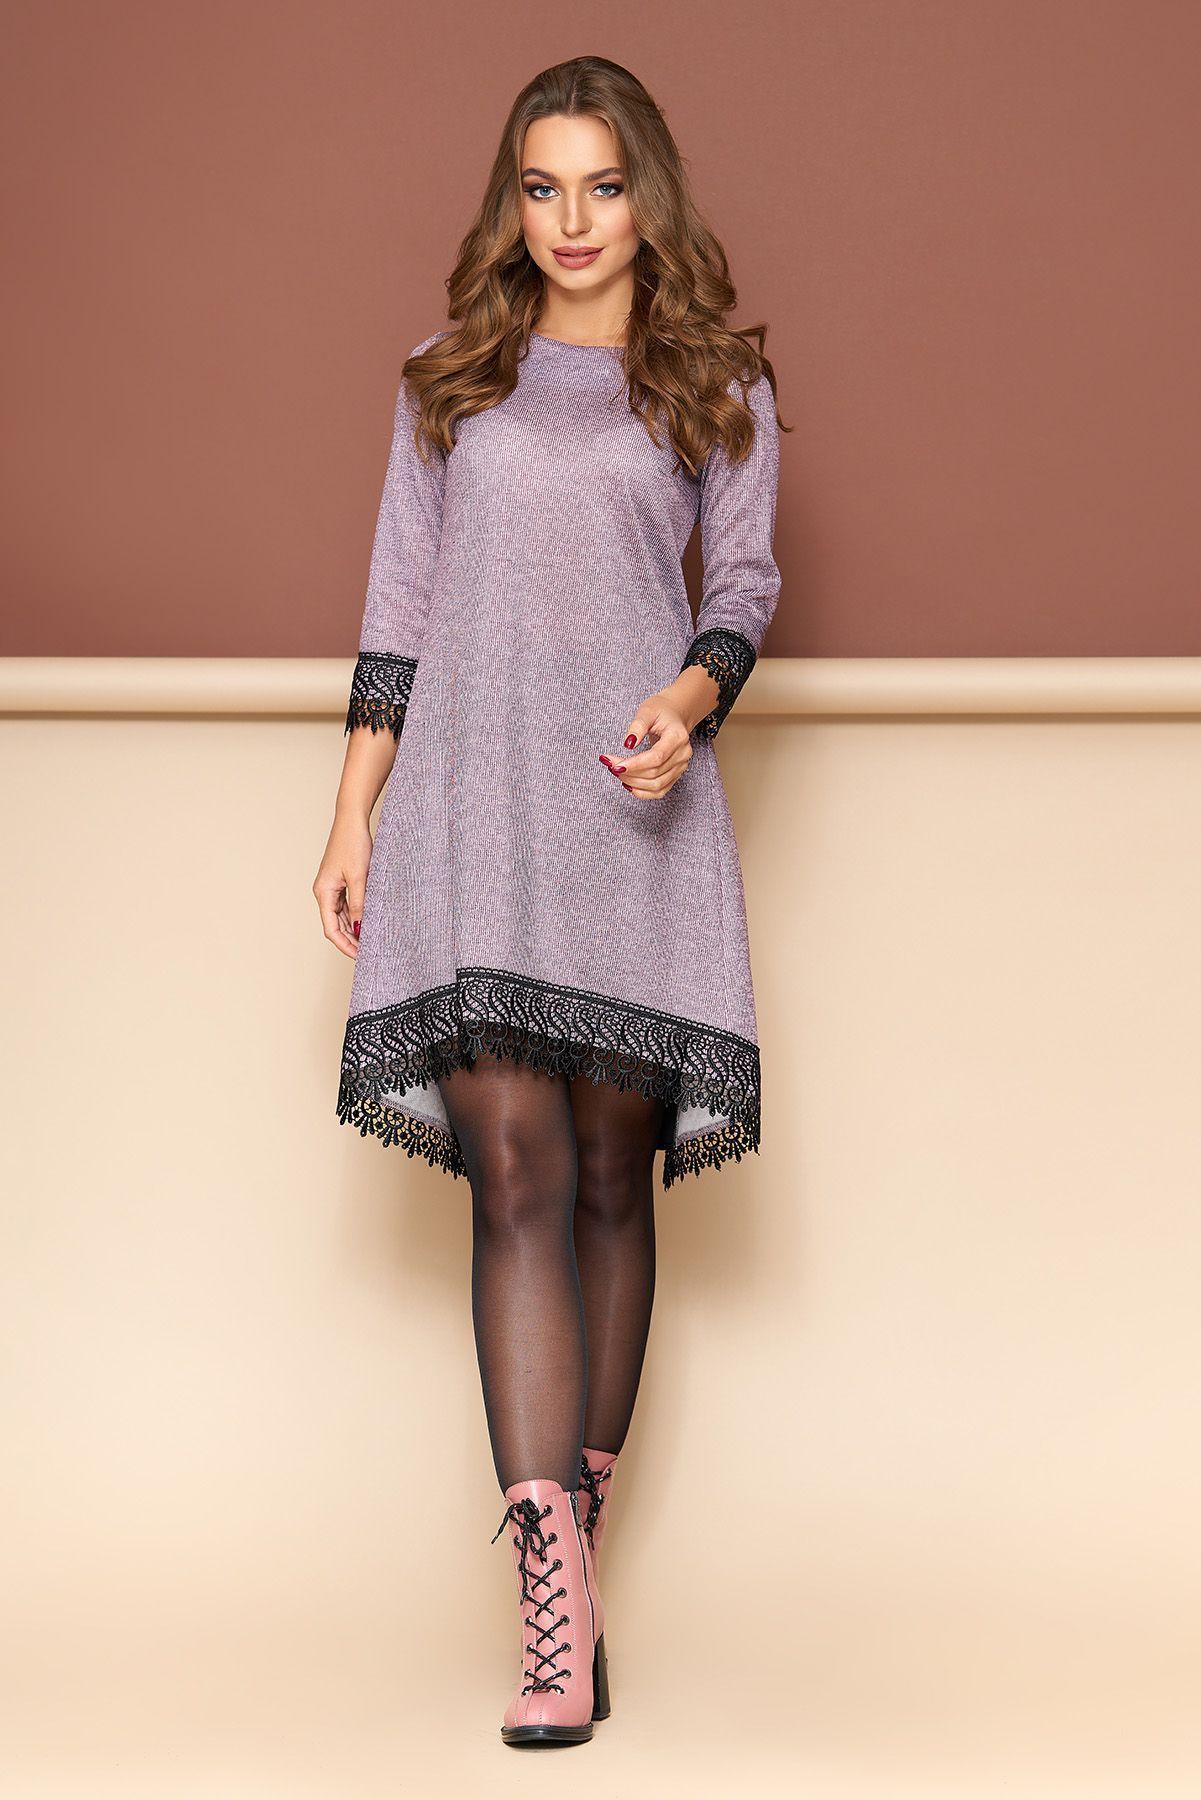 20e48f9f9b11e4 Стильна новинка від Максимода - стильне плаття з мереживом.  Трапецієподібний силует, по спинці вставка